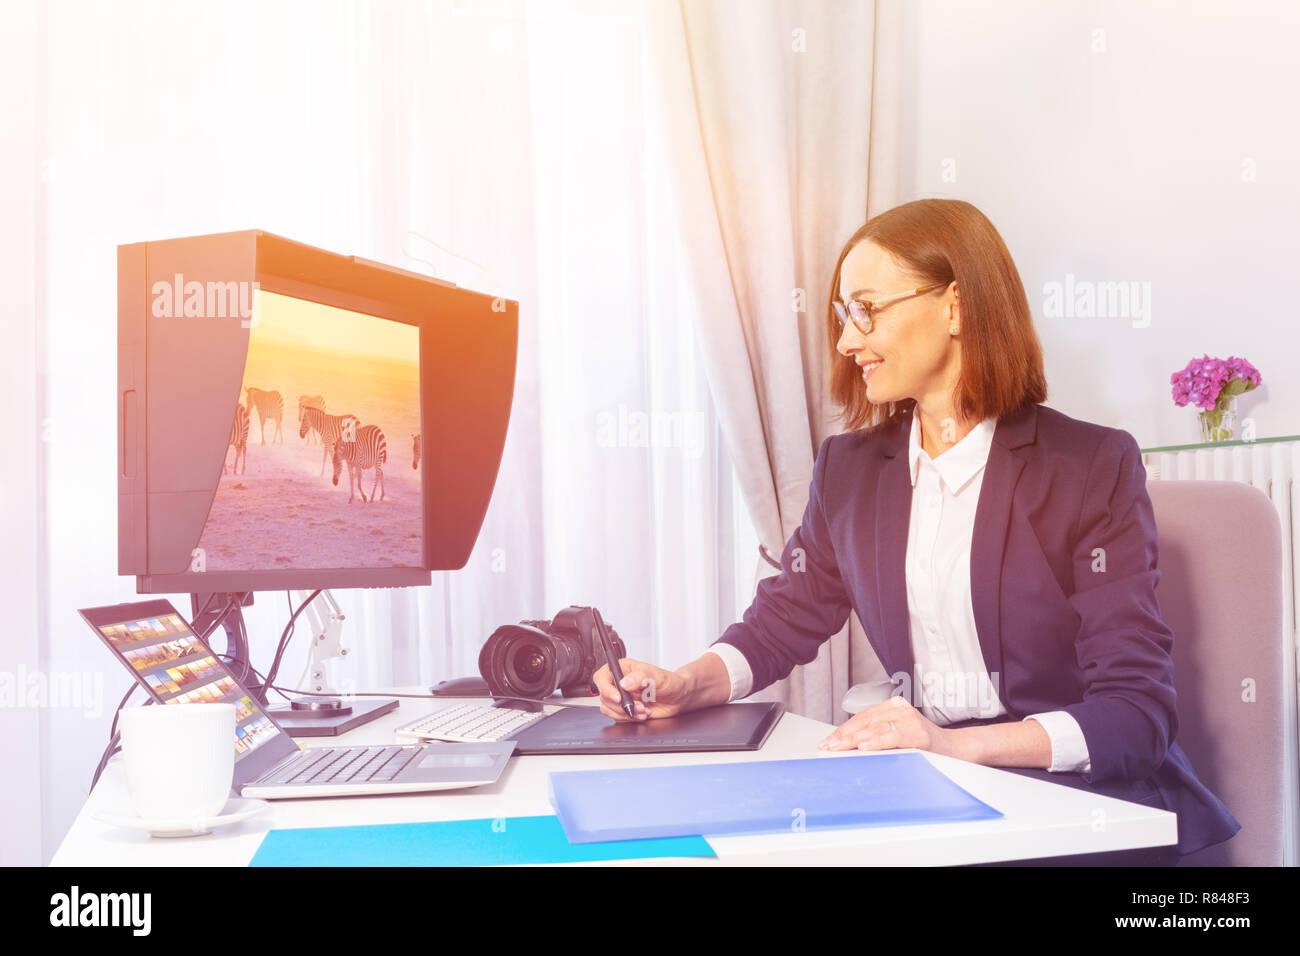 Portrait von lächelnden Geschäftsfrau mit Bildern arbeiten, über digitale Zeichnung Monitor im Büro Stockbild